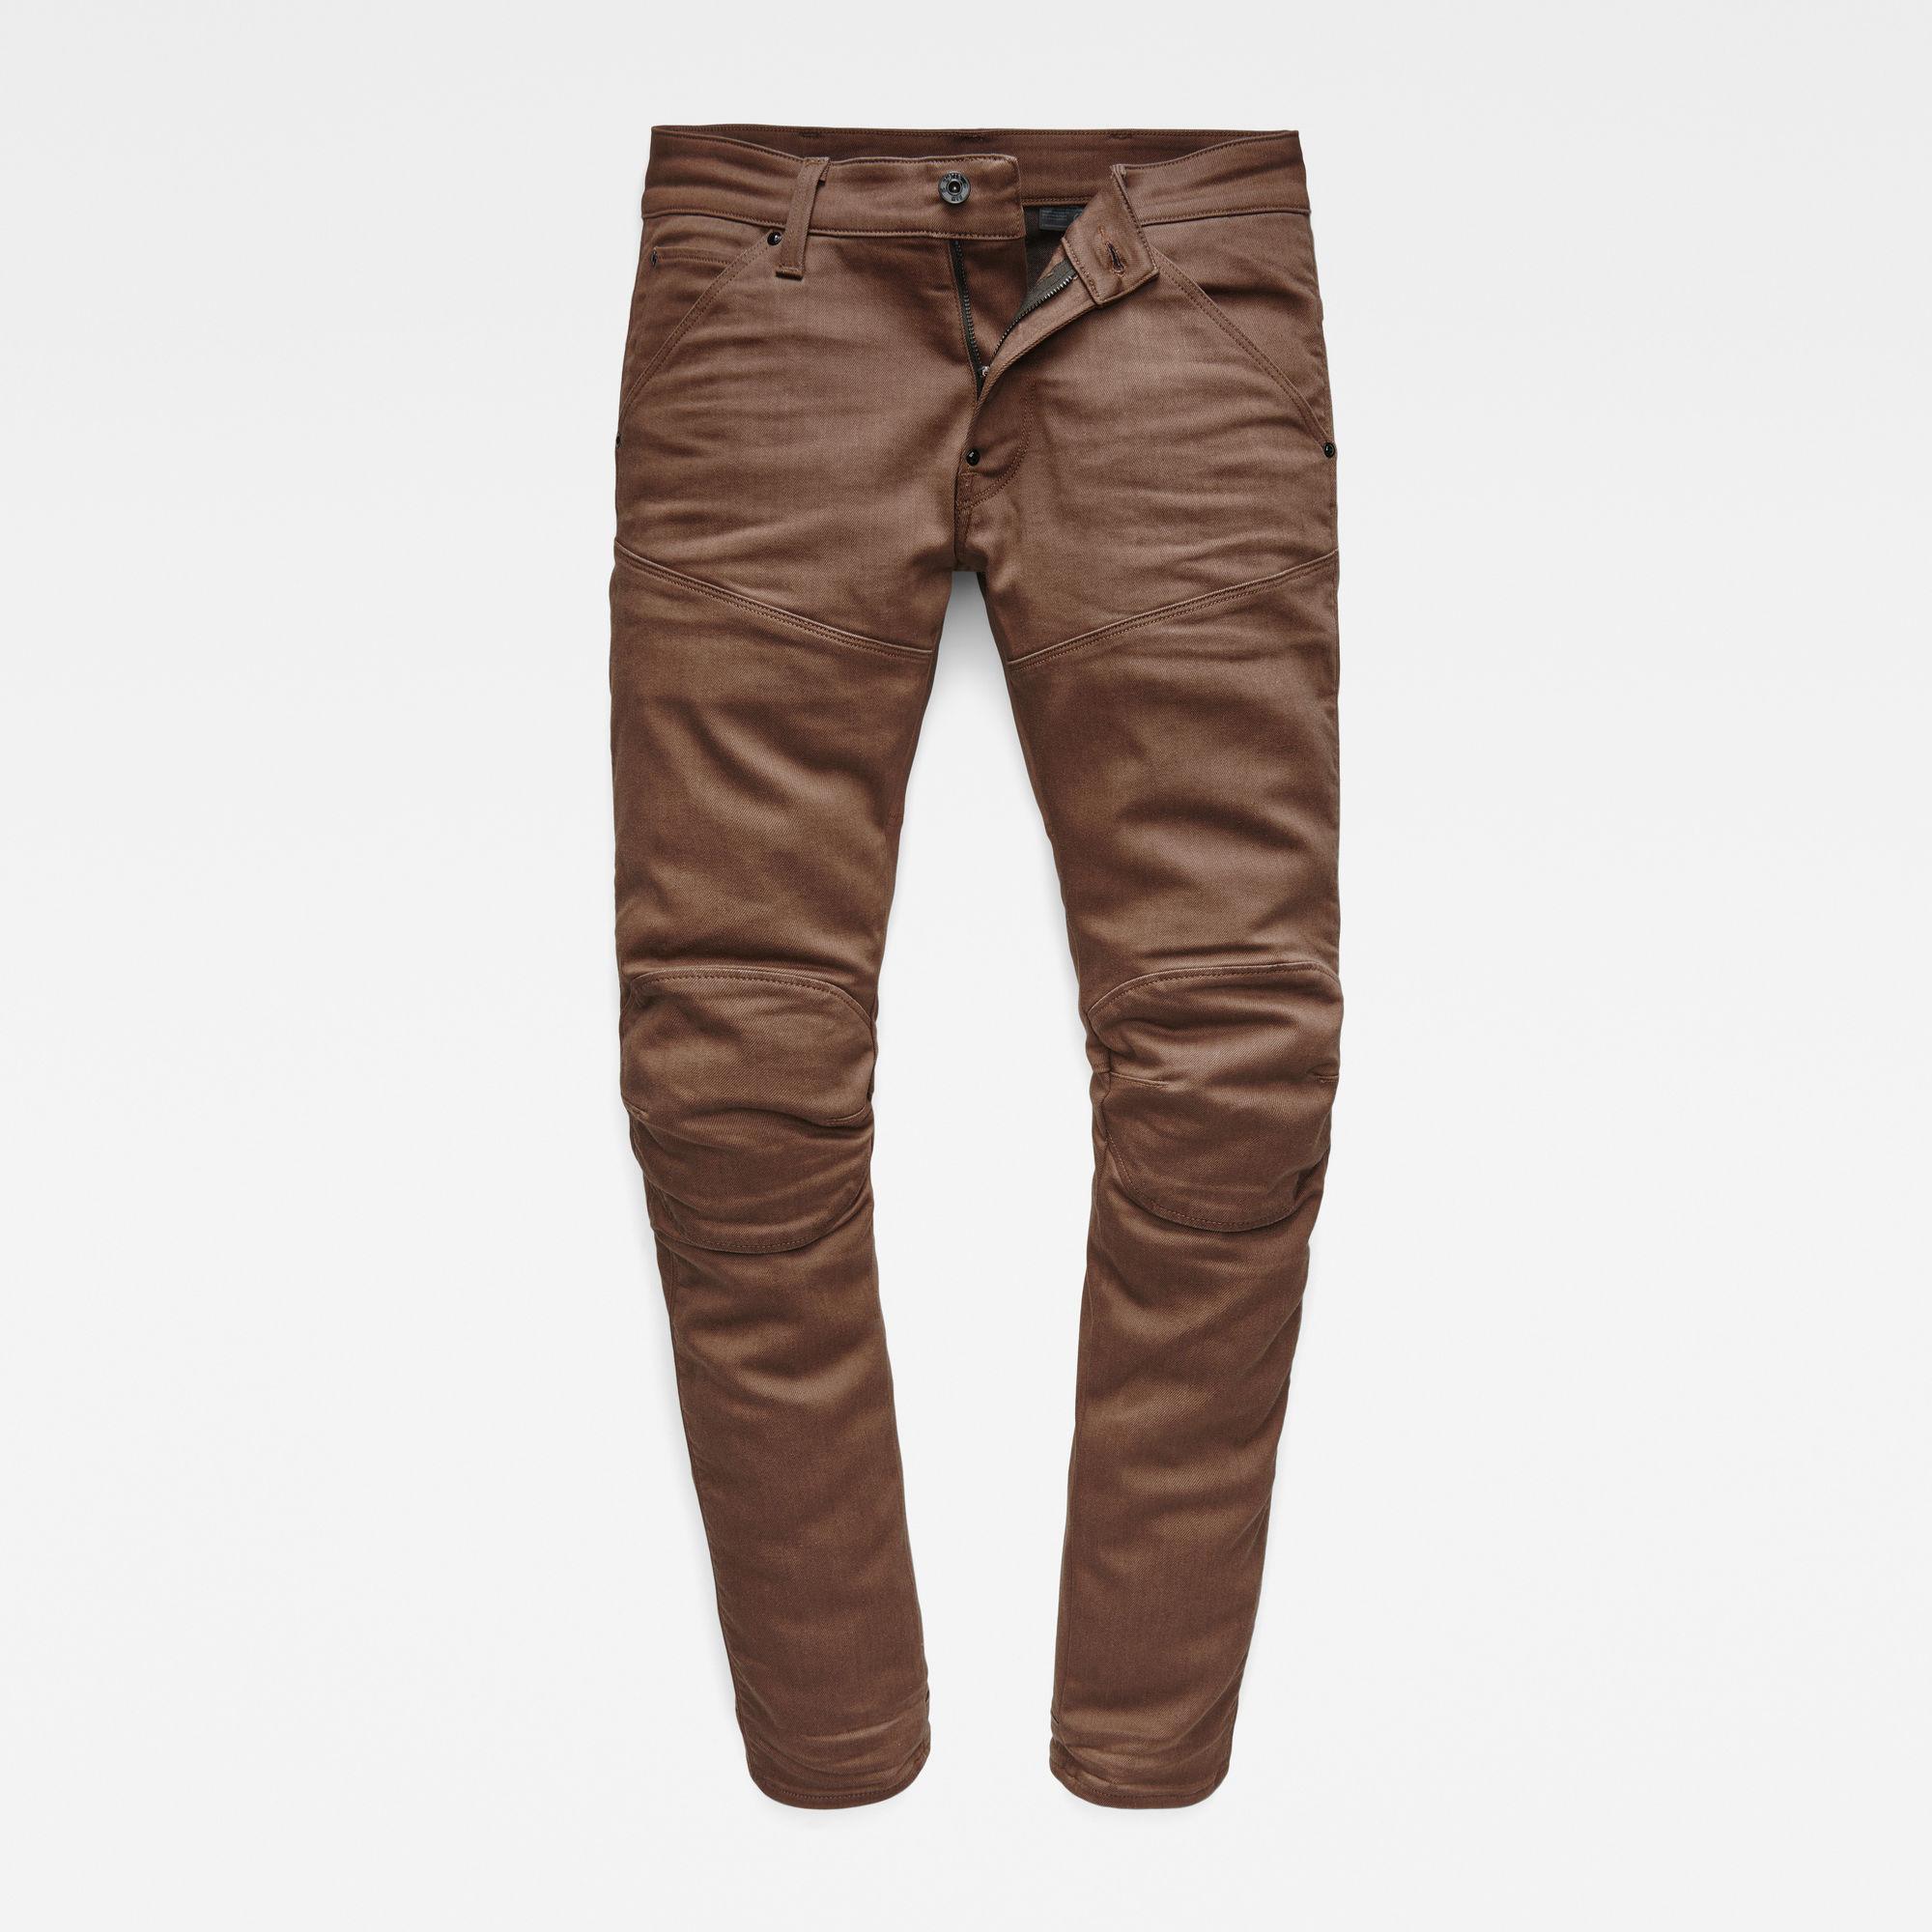 5620 G-Star Elwood 3D Skinny Color Jeans